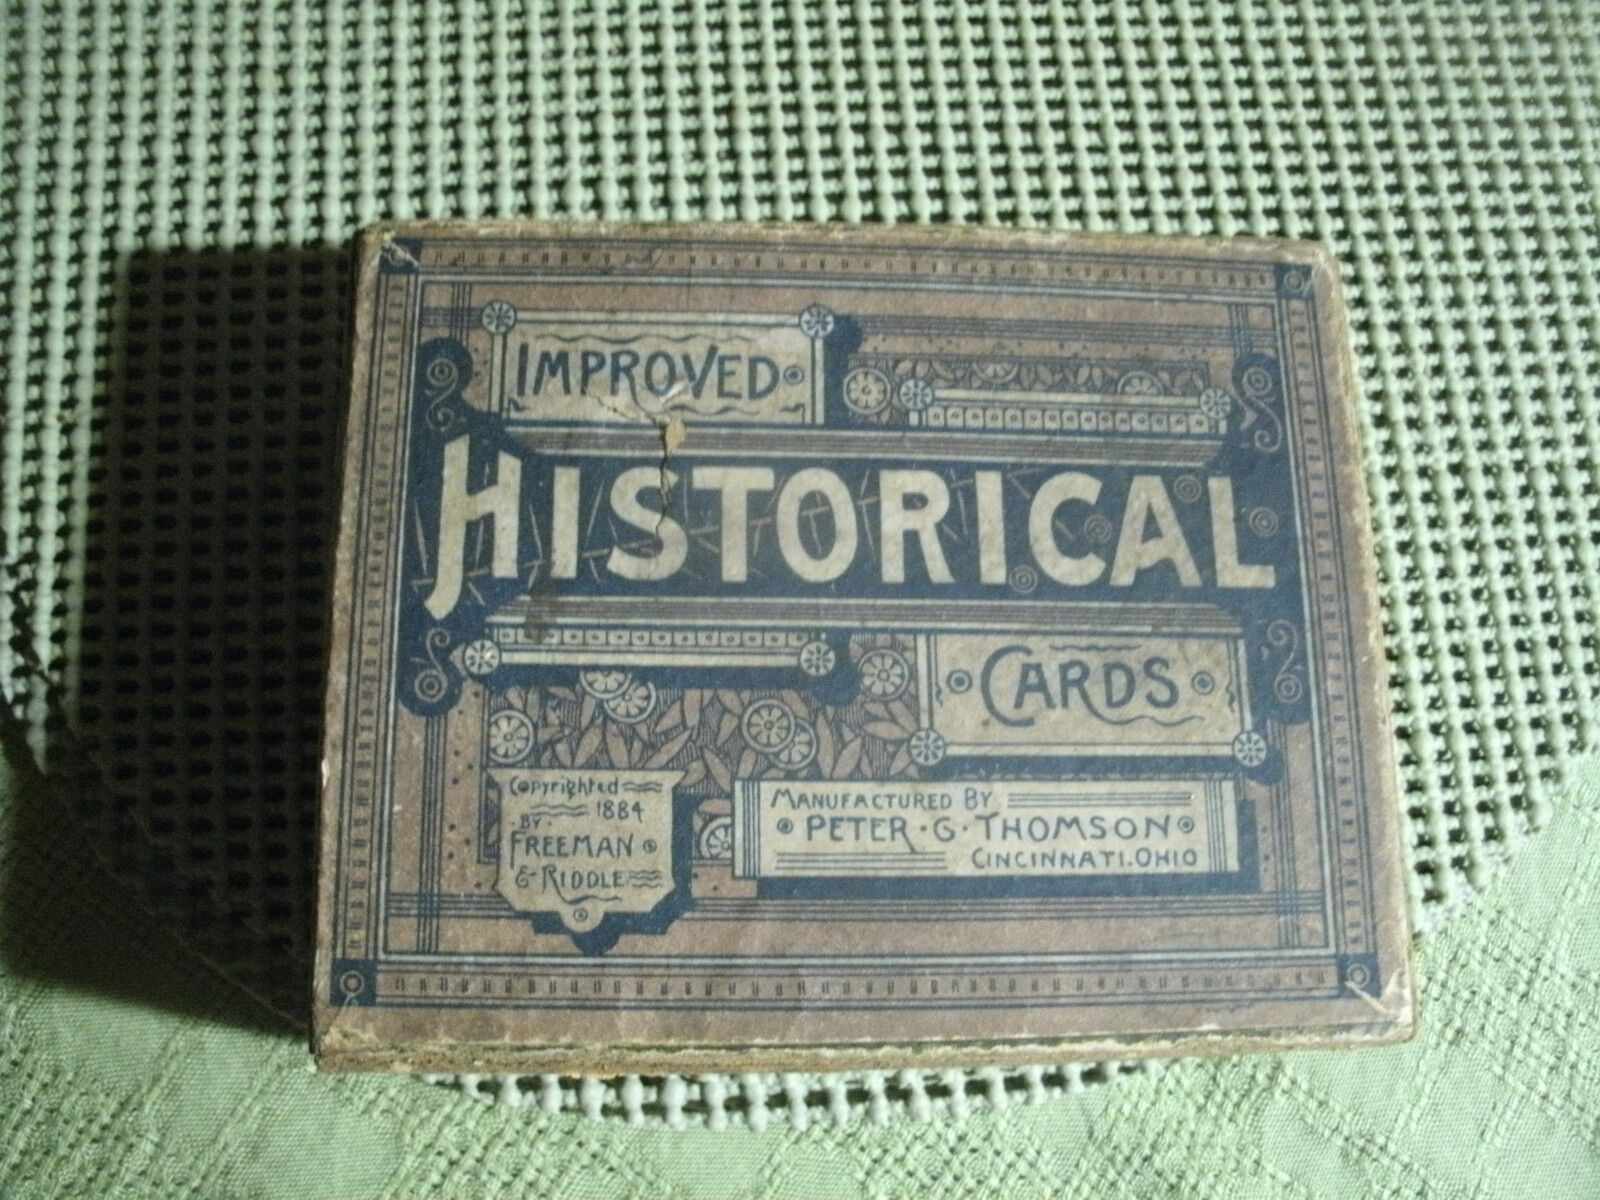 2 W Antique FREEMAN & Riddle amélioré historique CARTES DE JEU & BOITE 1884